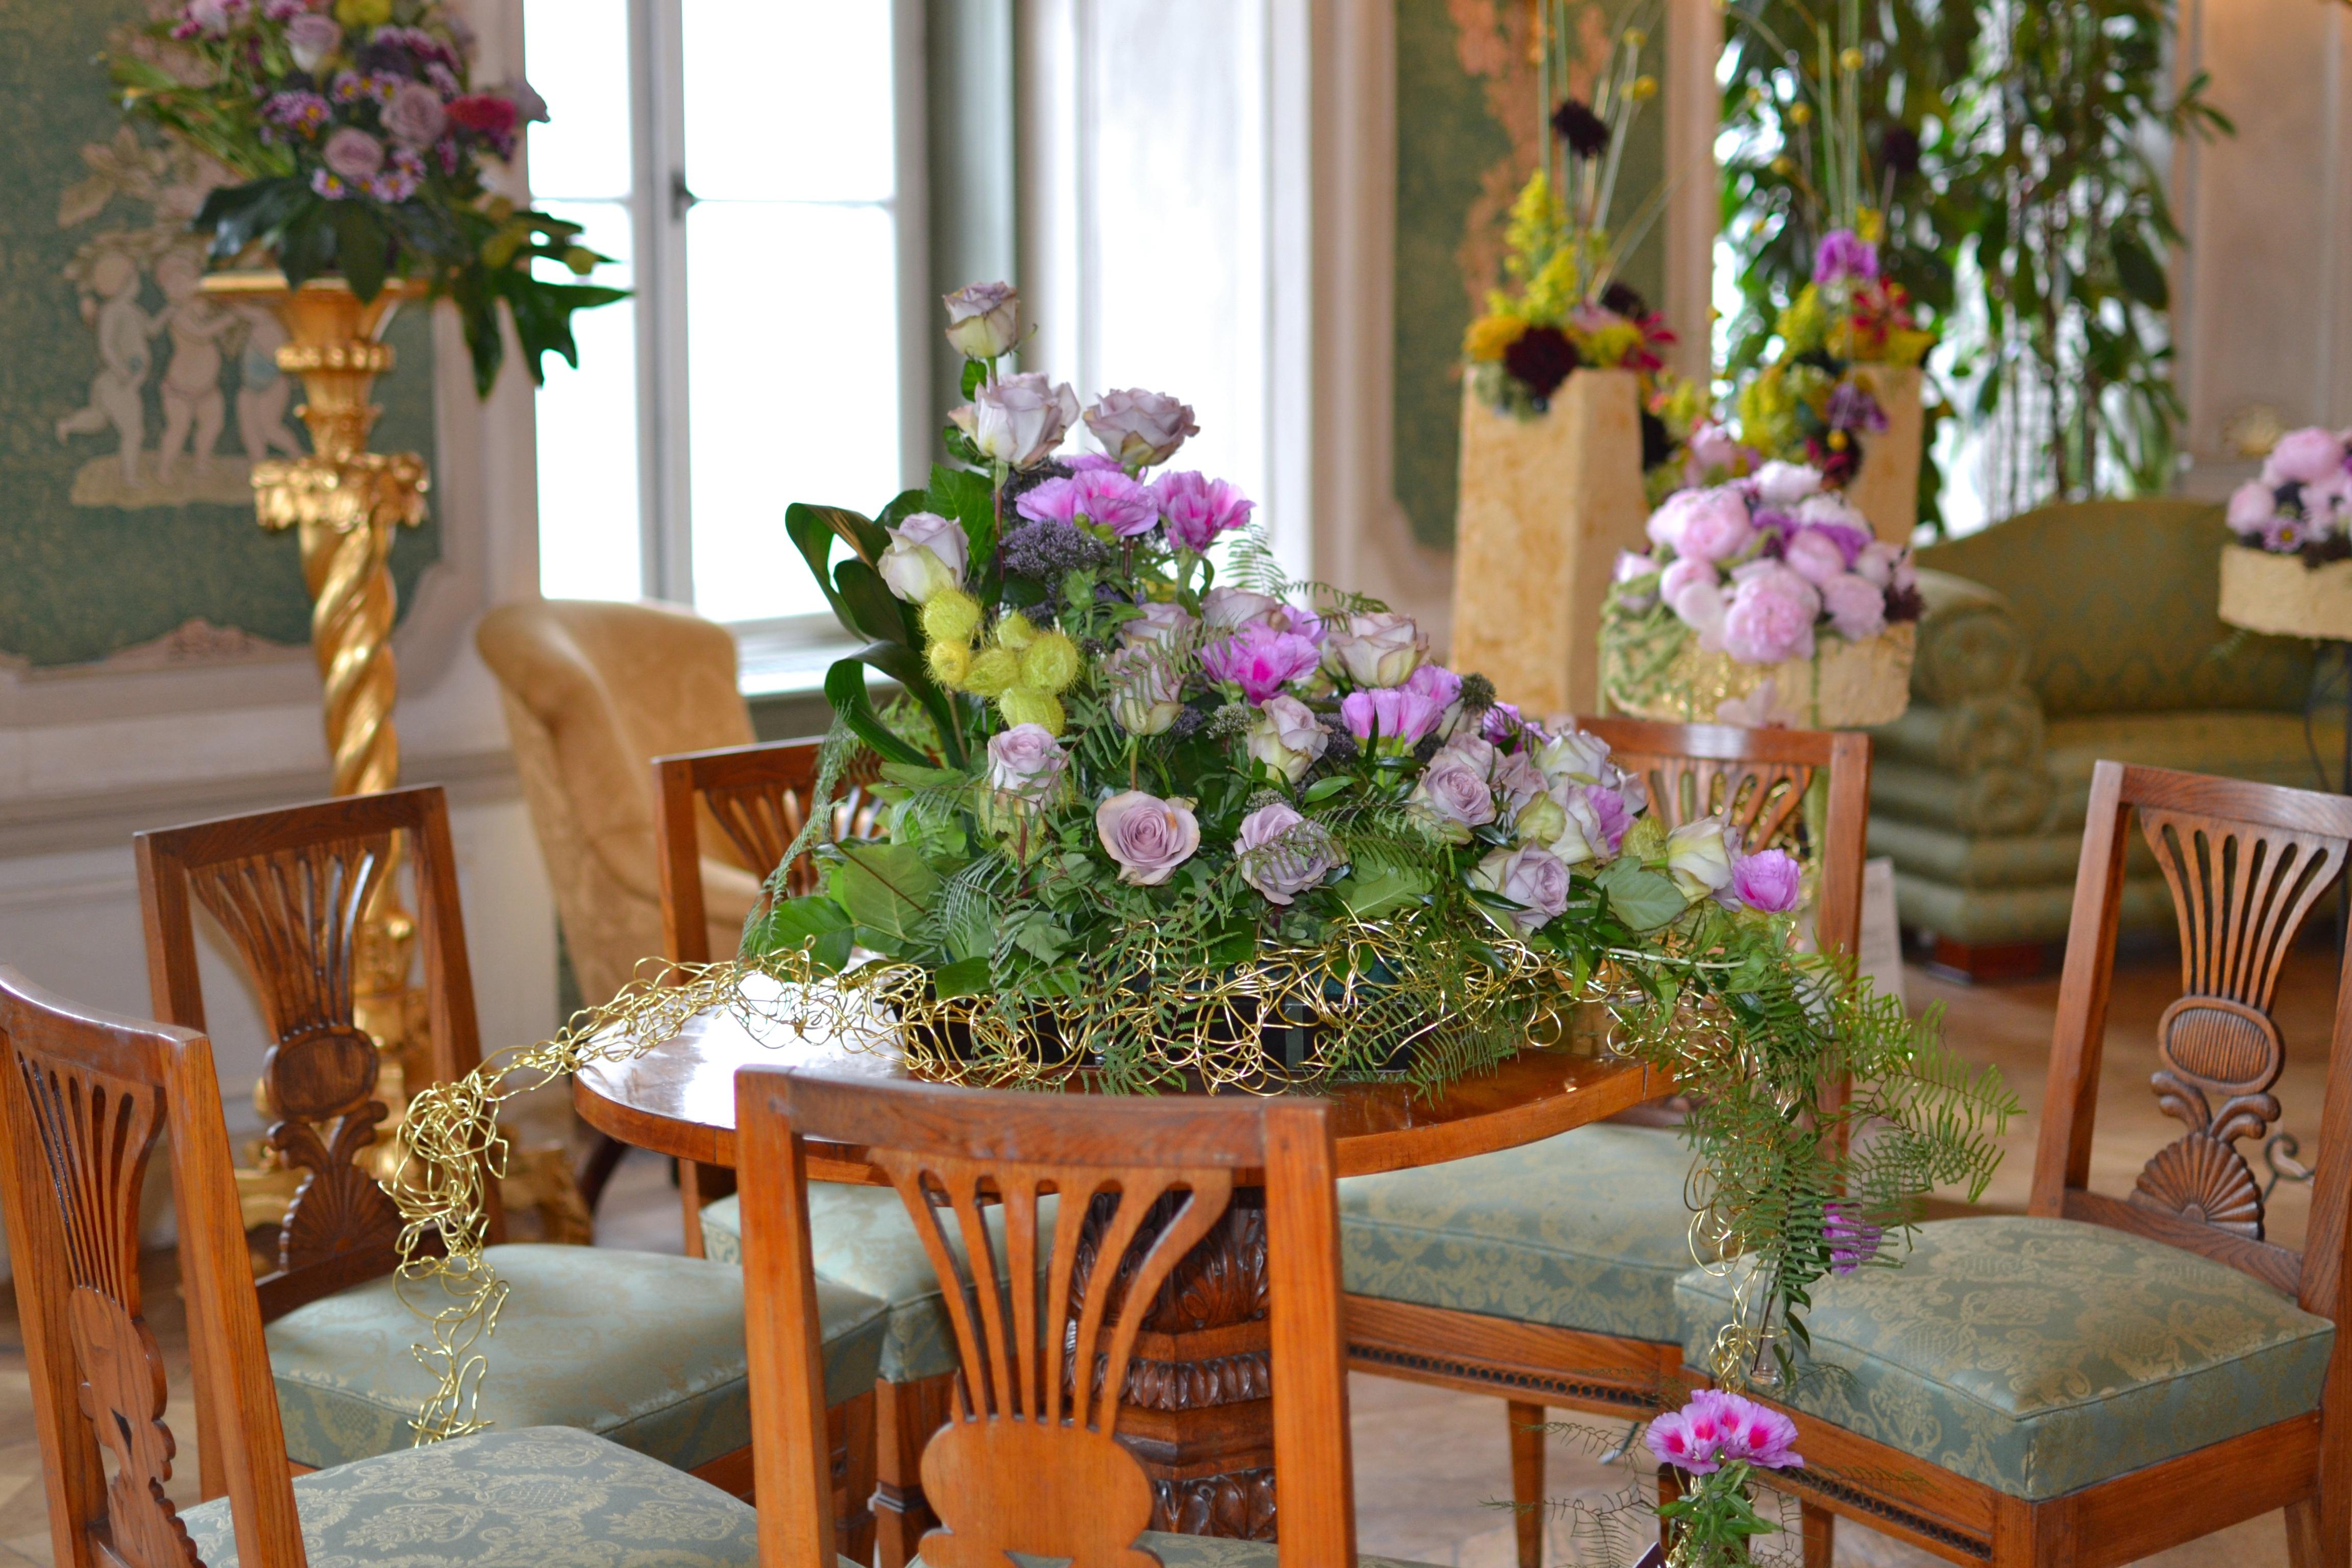 Charmant Fleur Maison Chalet Chambre Inspiration Fleuriste Salle à Manger Art Floral  Pièce Maîtresse Arrangement Floral Au